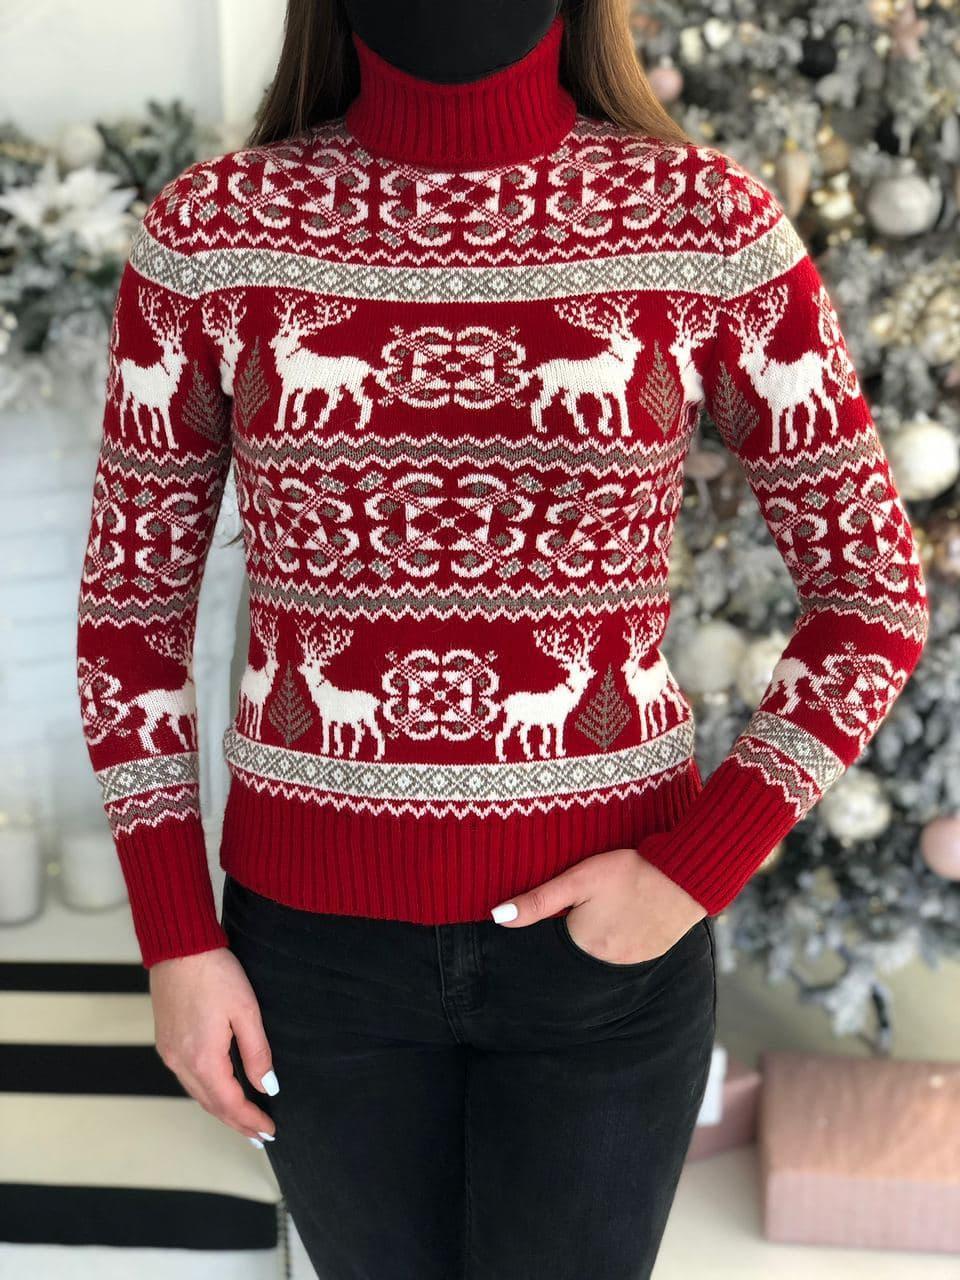 Женский зимний свитер красного цвета с оленями, размер 44-46 (универсальный), не колется, мягкий шерстяной